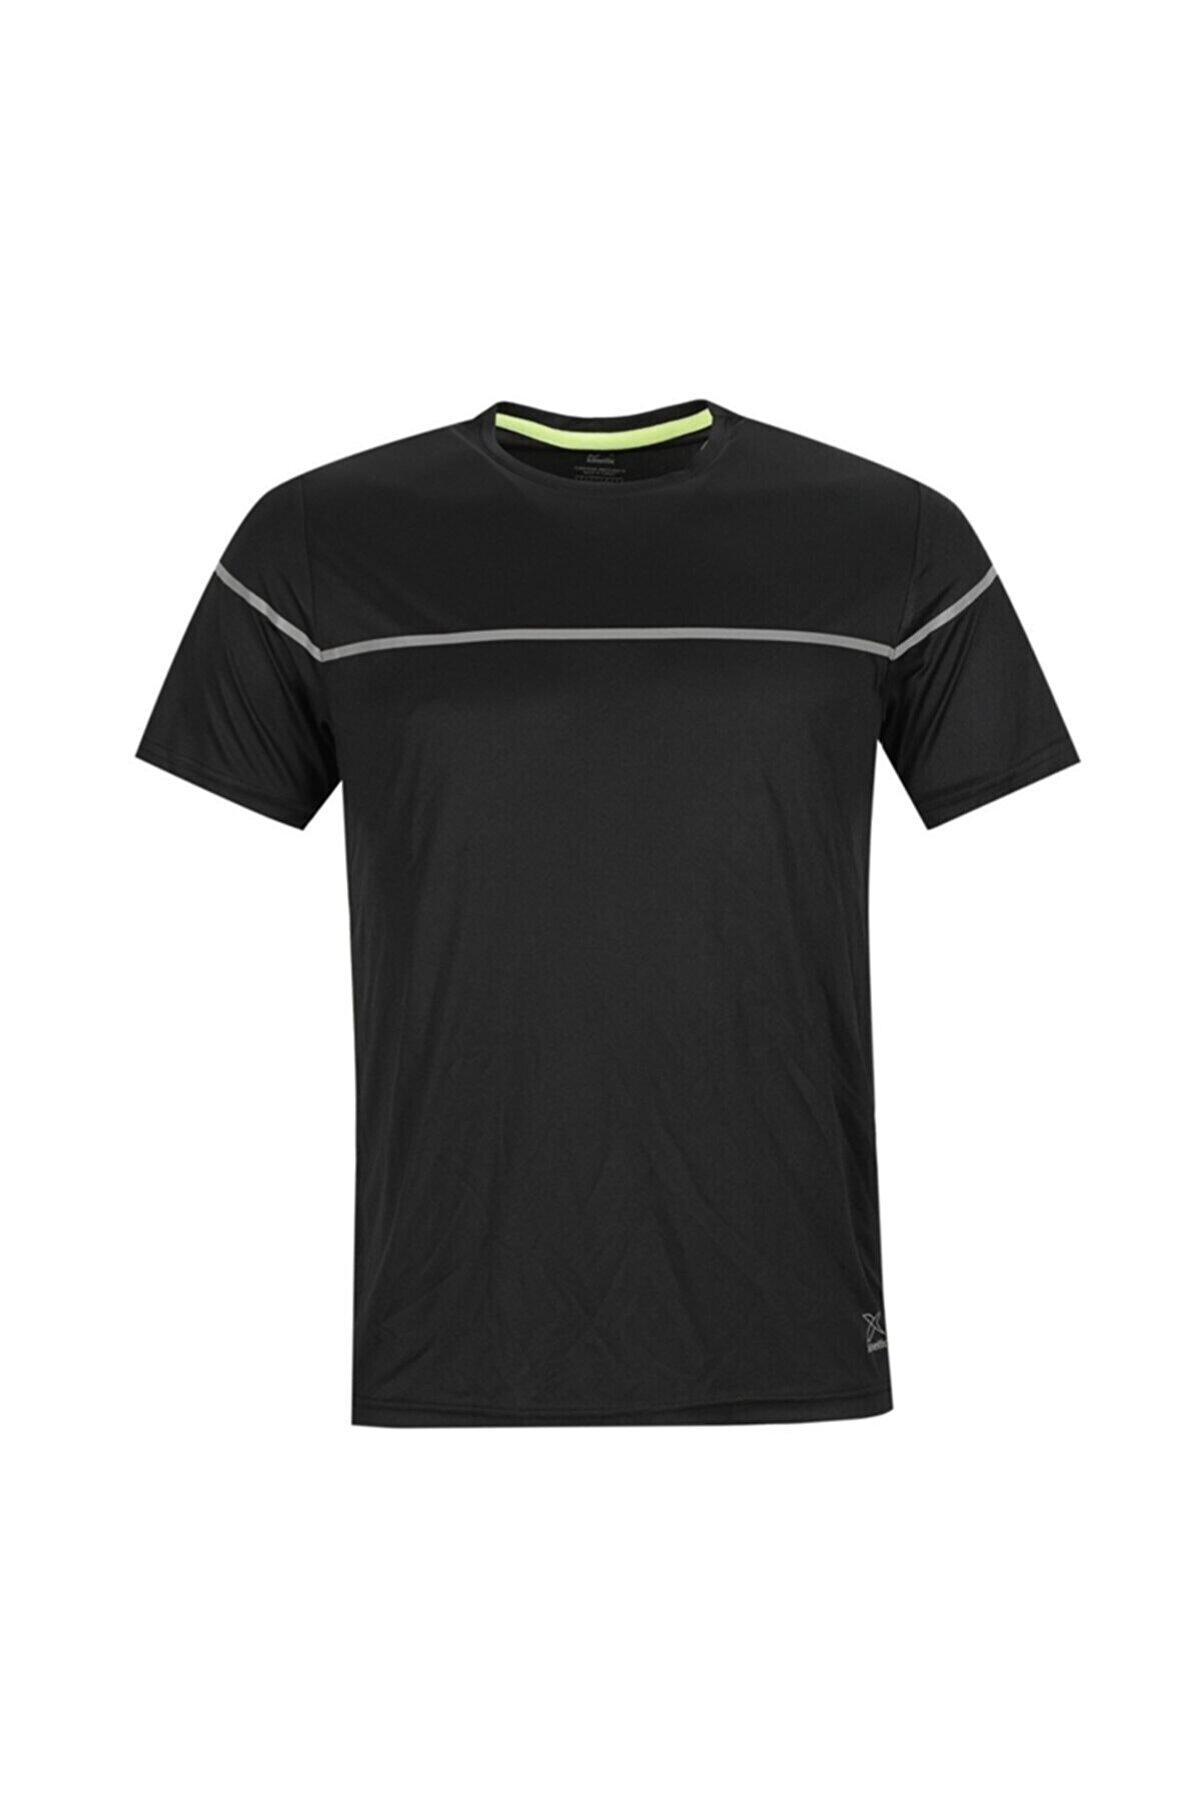 Kinetix LANDER T-SHIRT Siyah Erkek T-Shirt 100932998